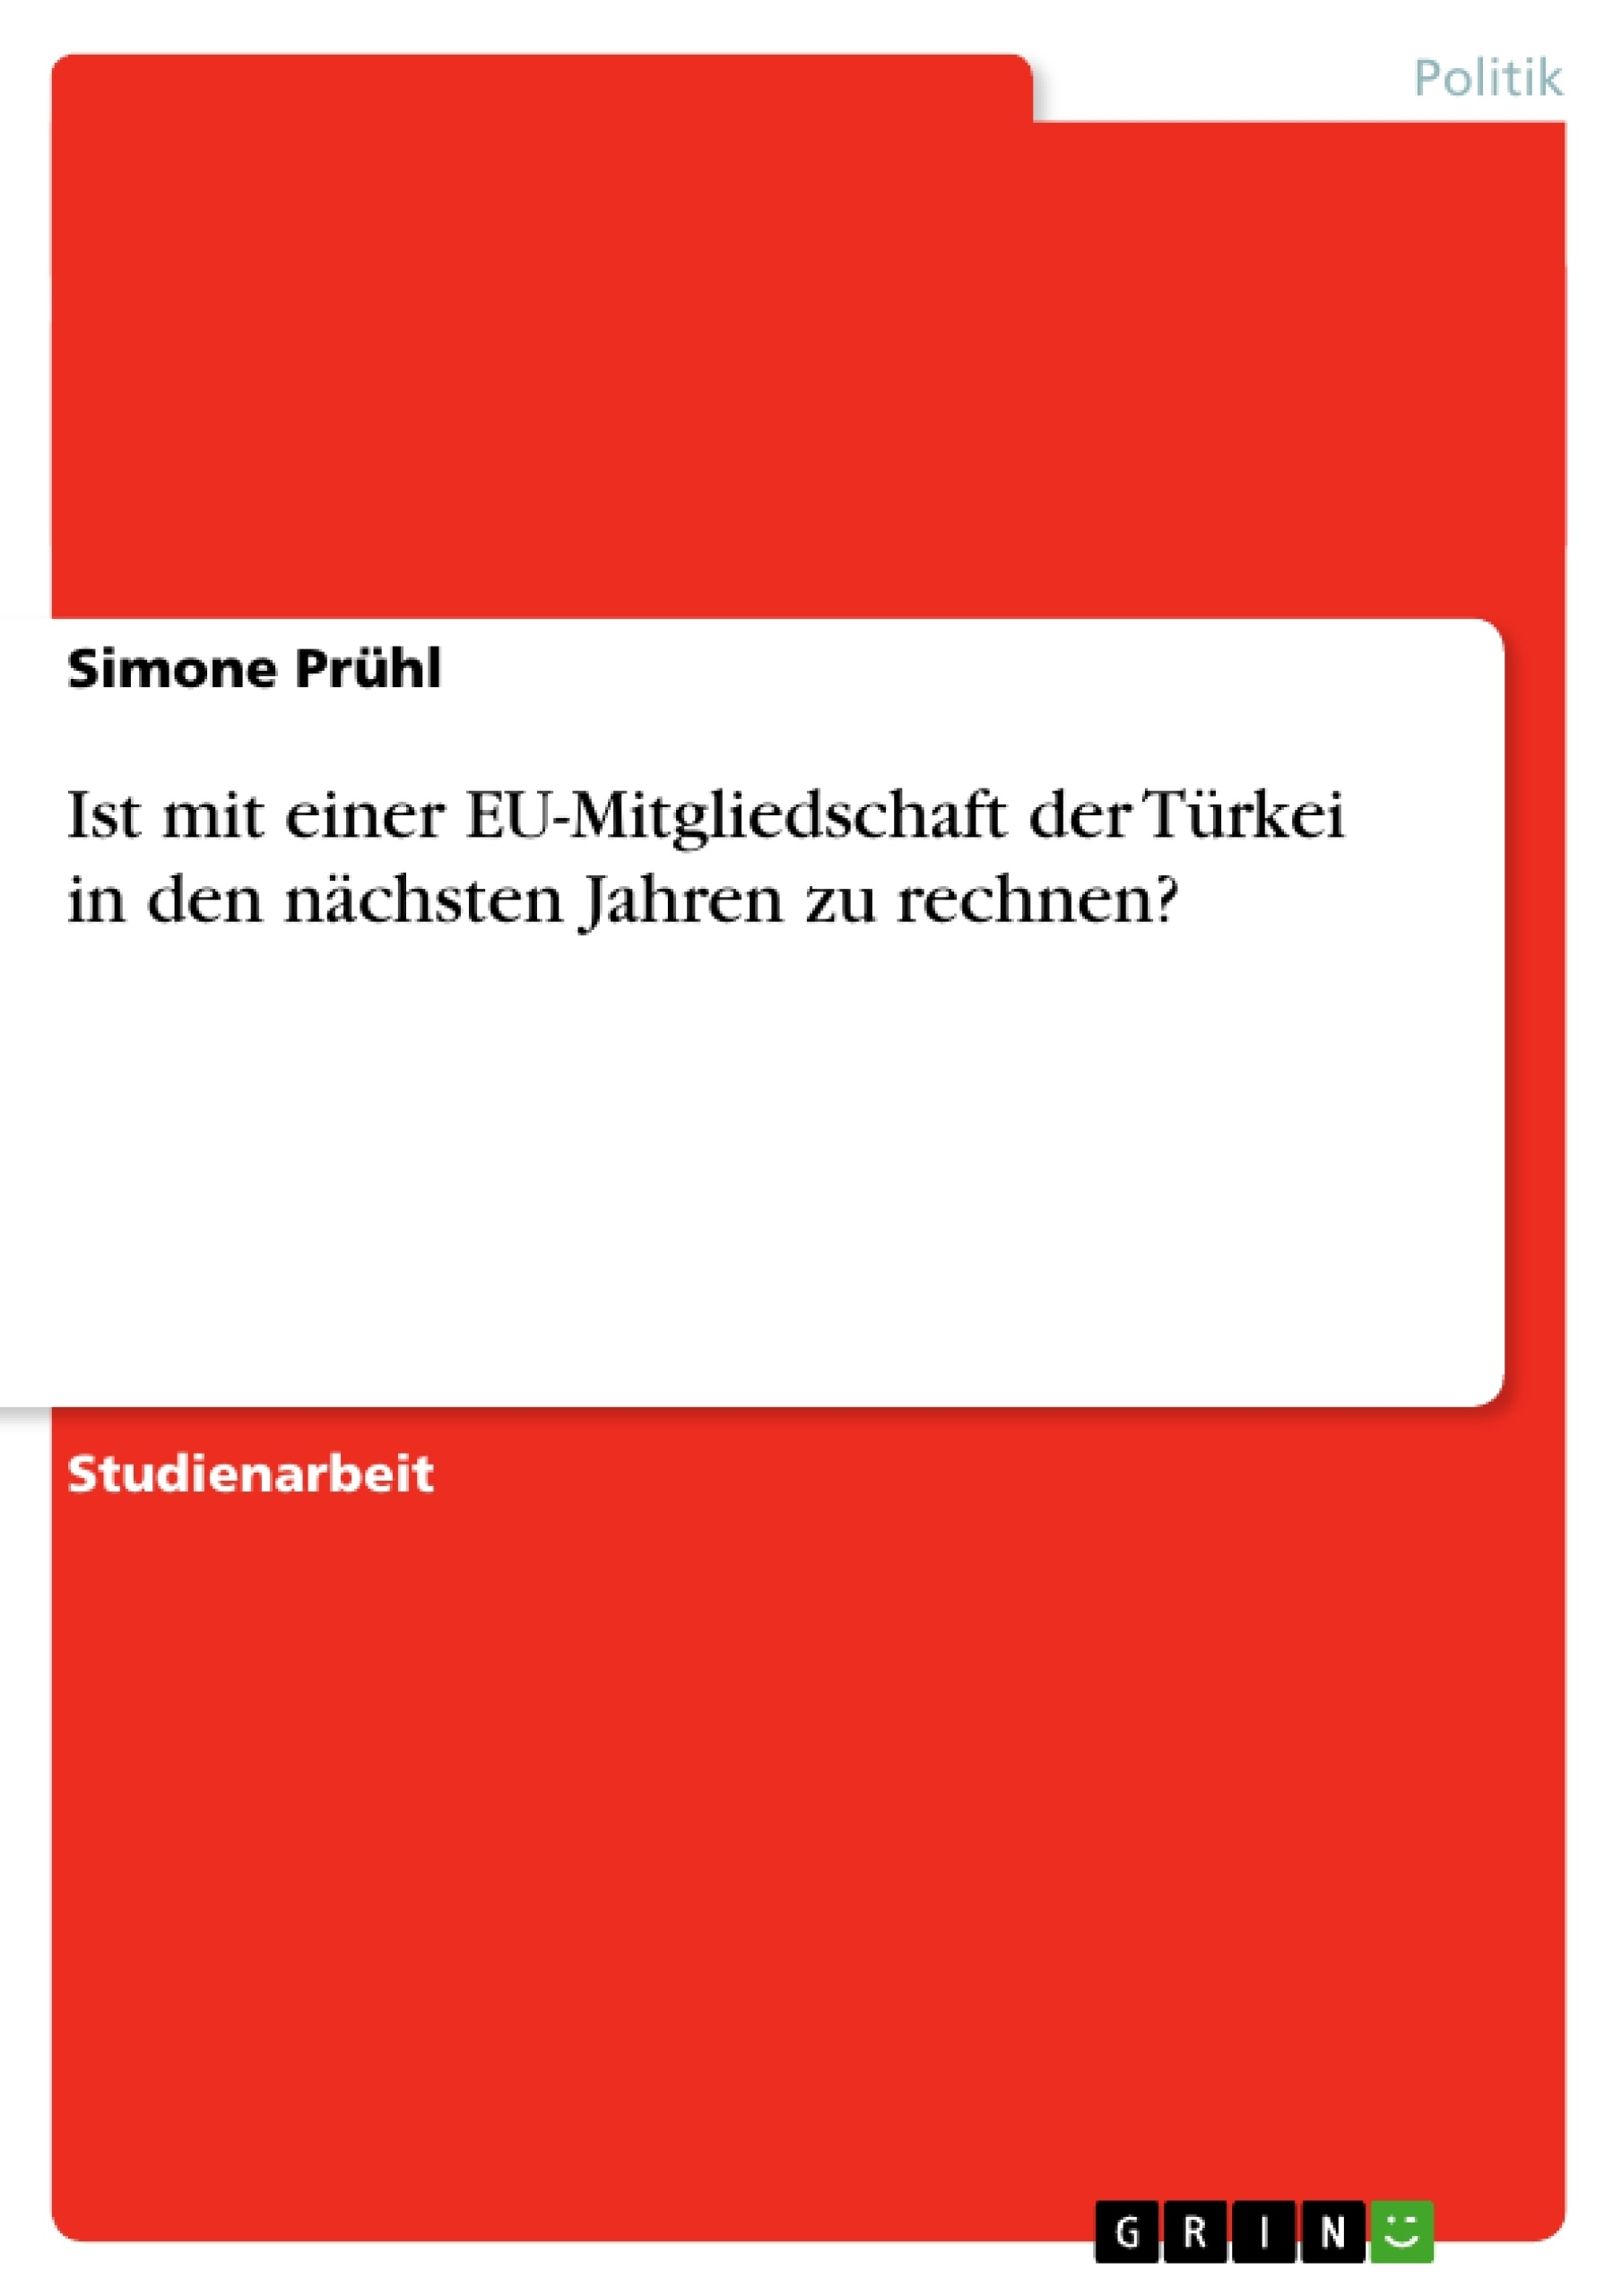 Titel: Ist mit einer EU-Mitgliedschaft der Türkei in den nächsten Jahren zu rechnen?